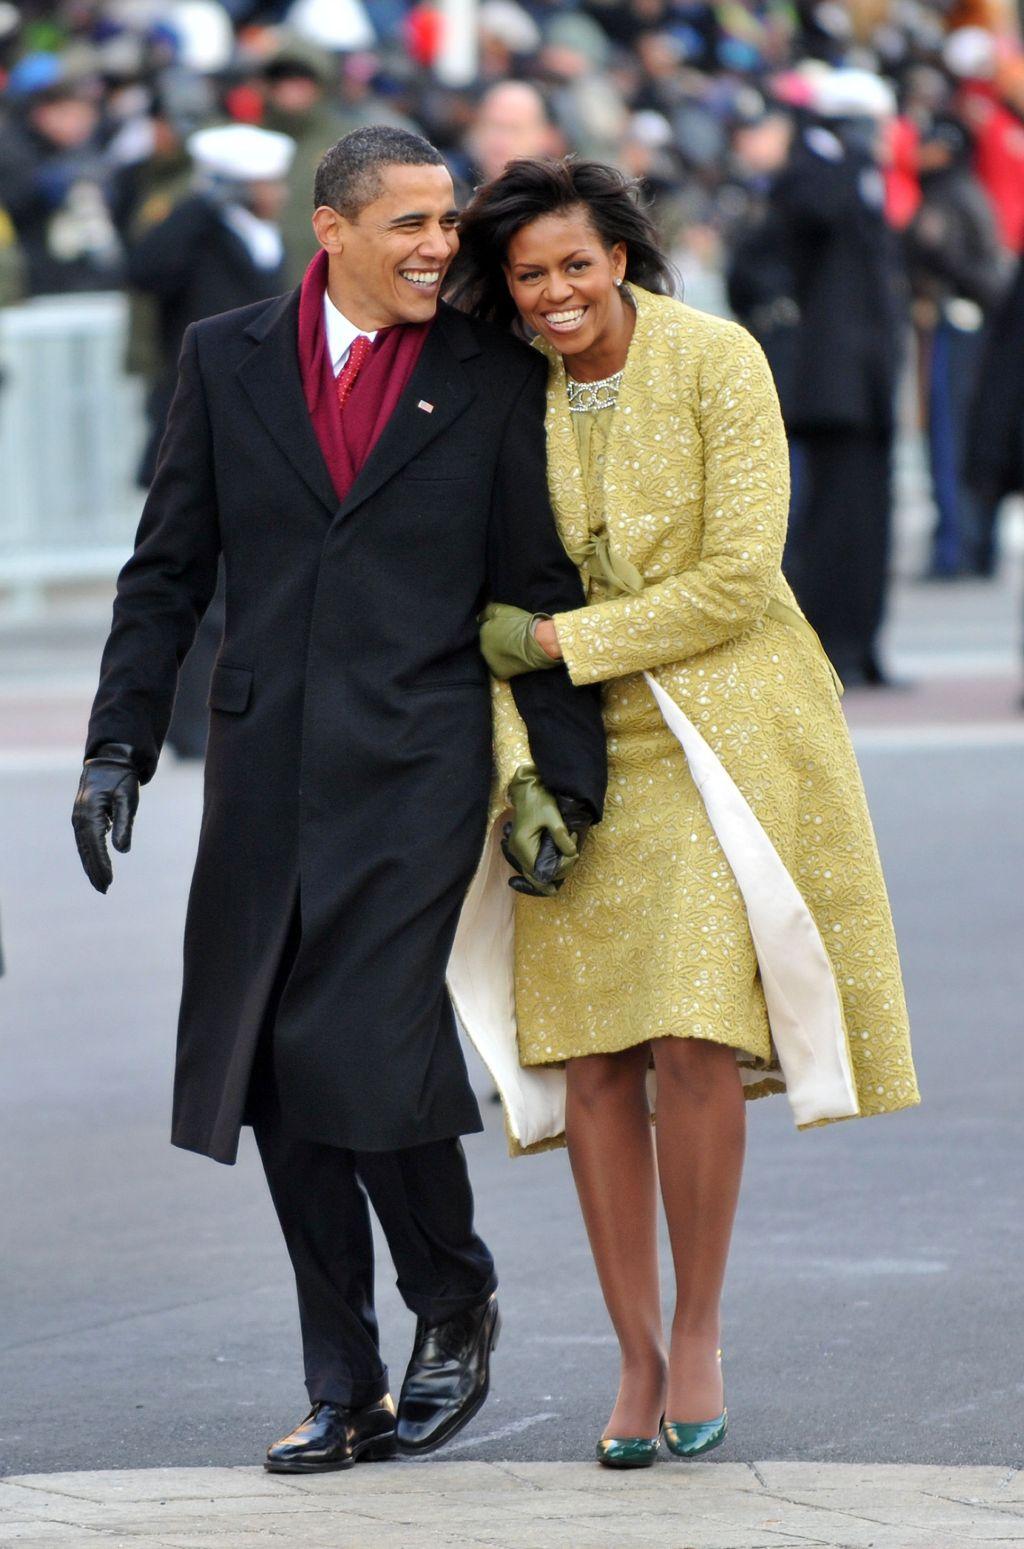 Inauguration Ceremony of United States President, Barack Obama, US Capitol, Washington DC, America - 20 Jan 2009